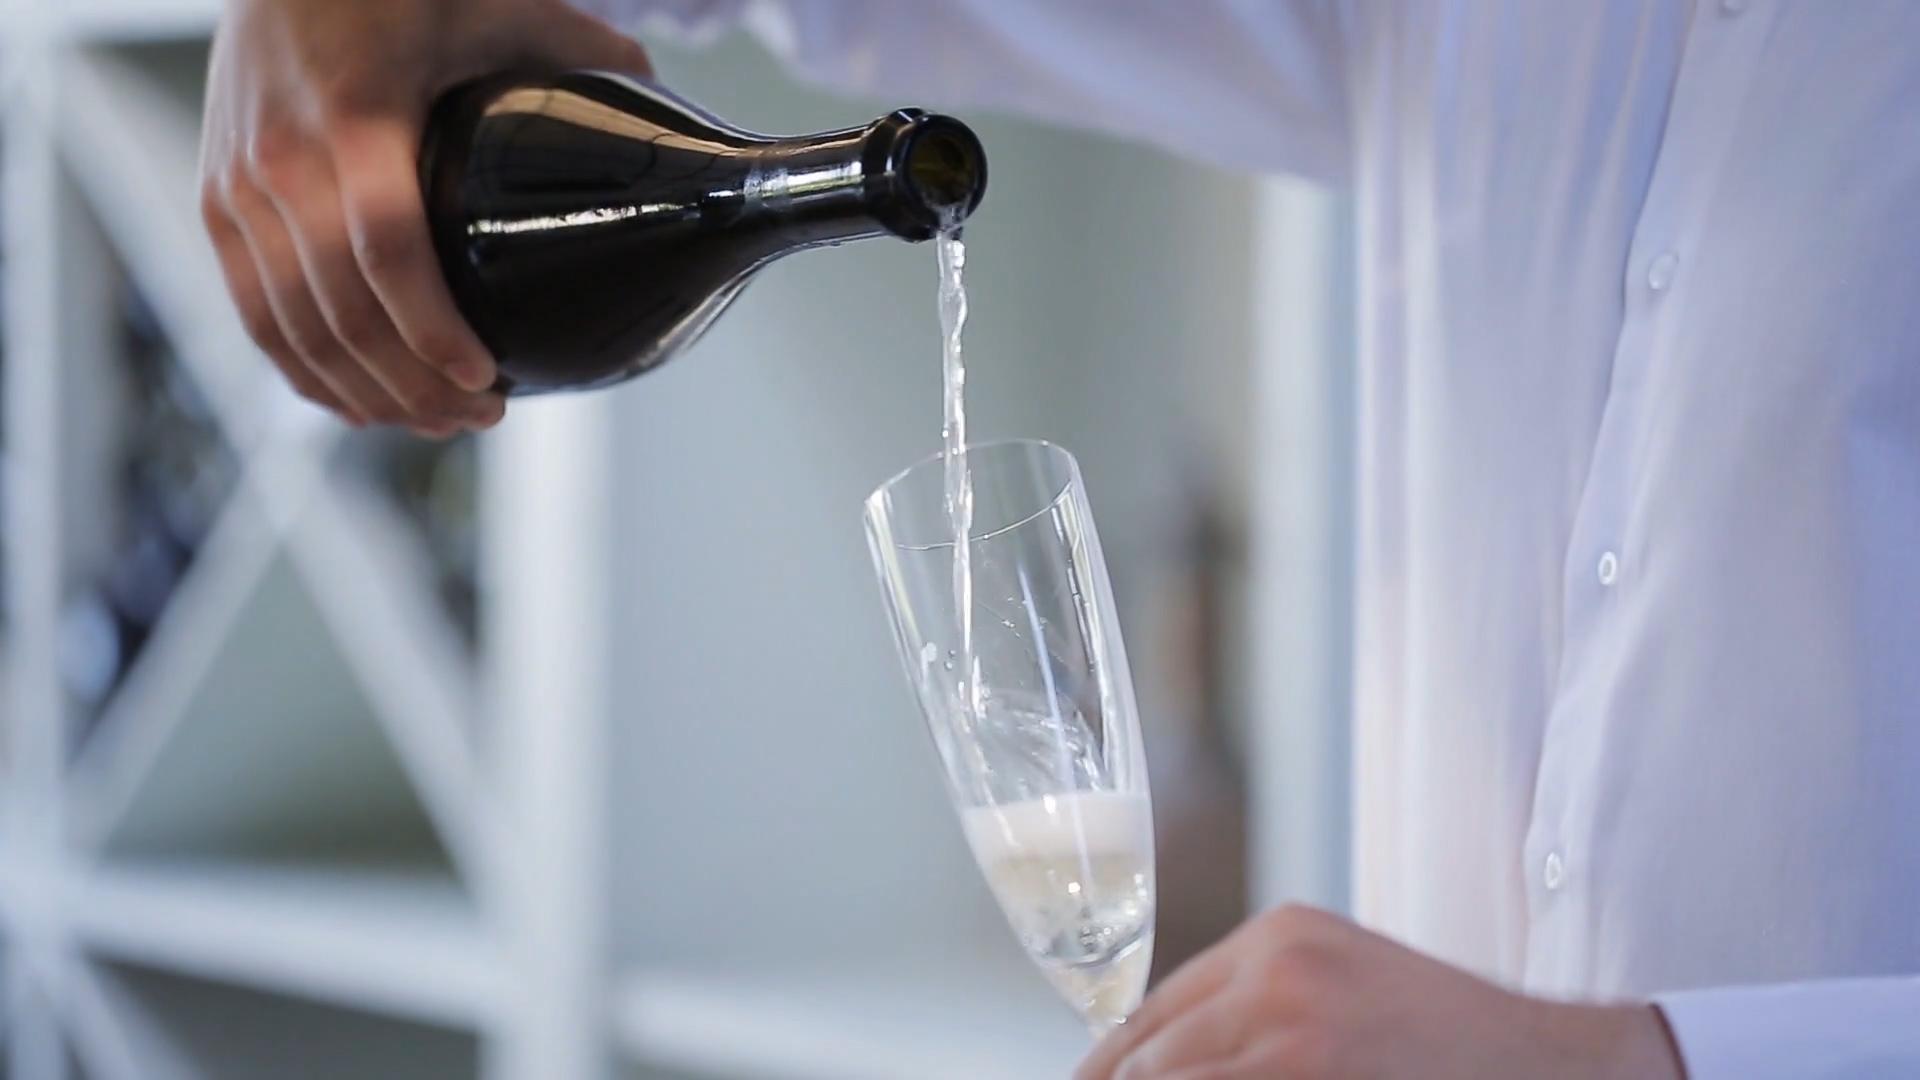 Dlaczego warto pić szampana nie tylko w sylwestra?